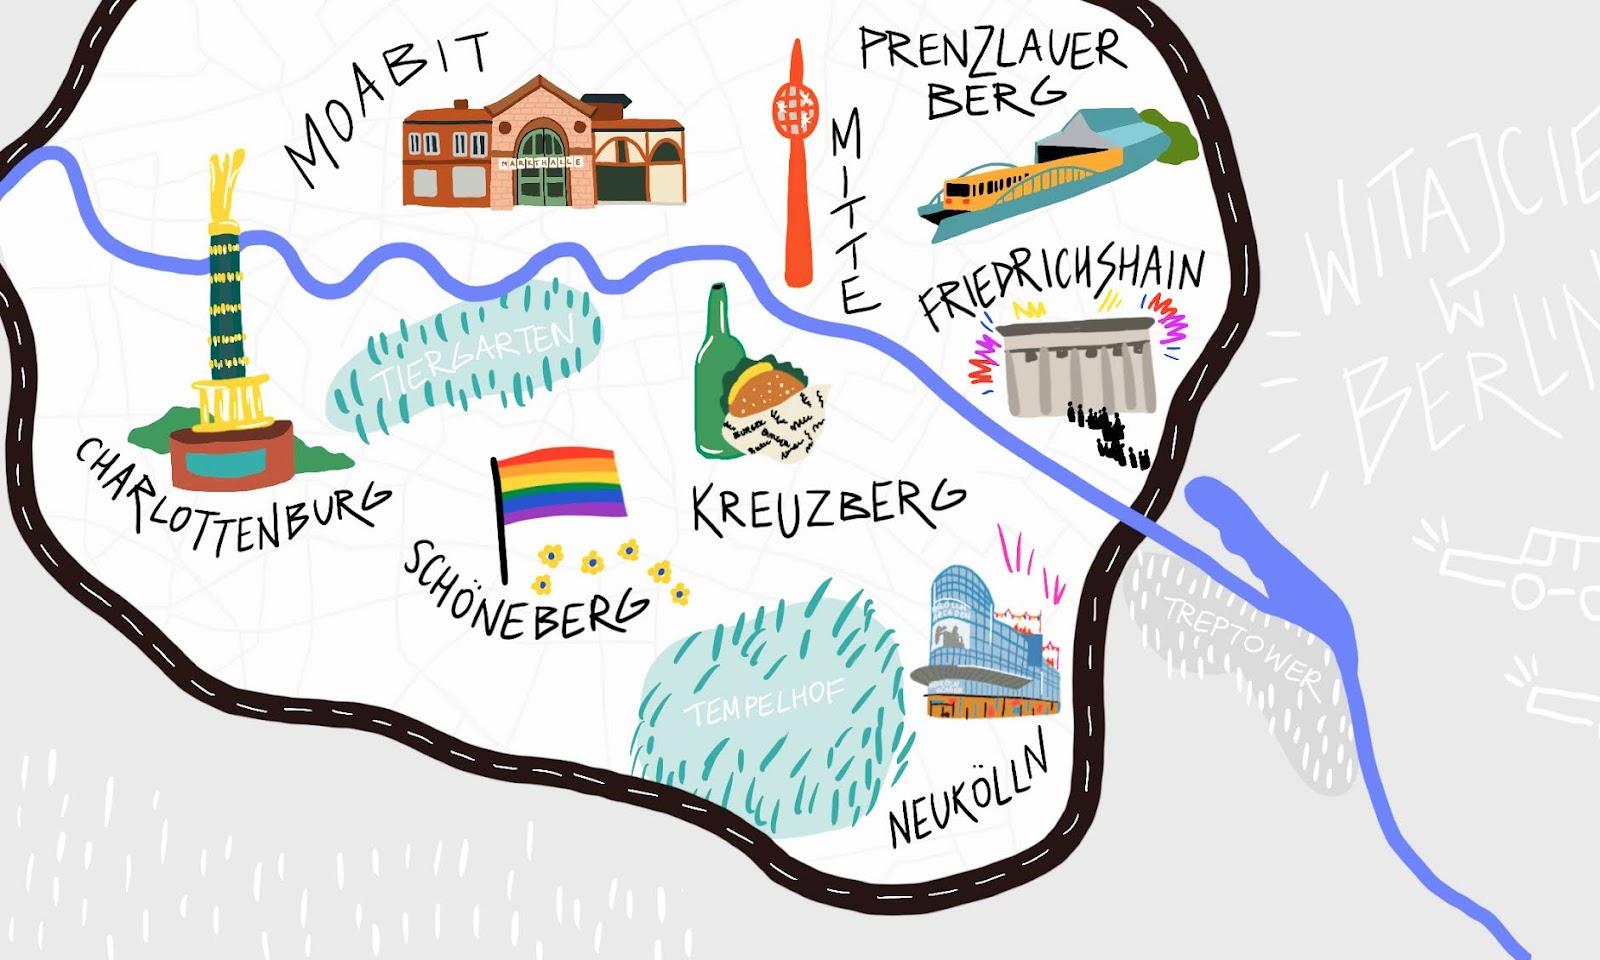 DZIELNICE BERLINA — PRZEWODNIK ALTERNATYWNY PO BERLINIE WEDŁUG DZIELNIC